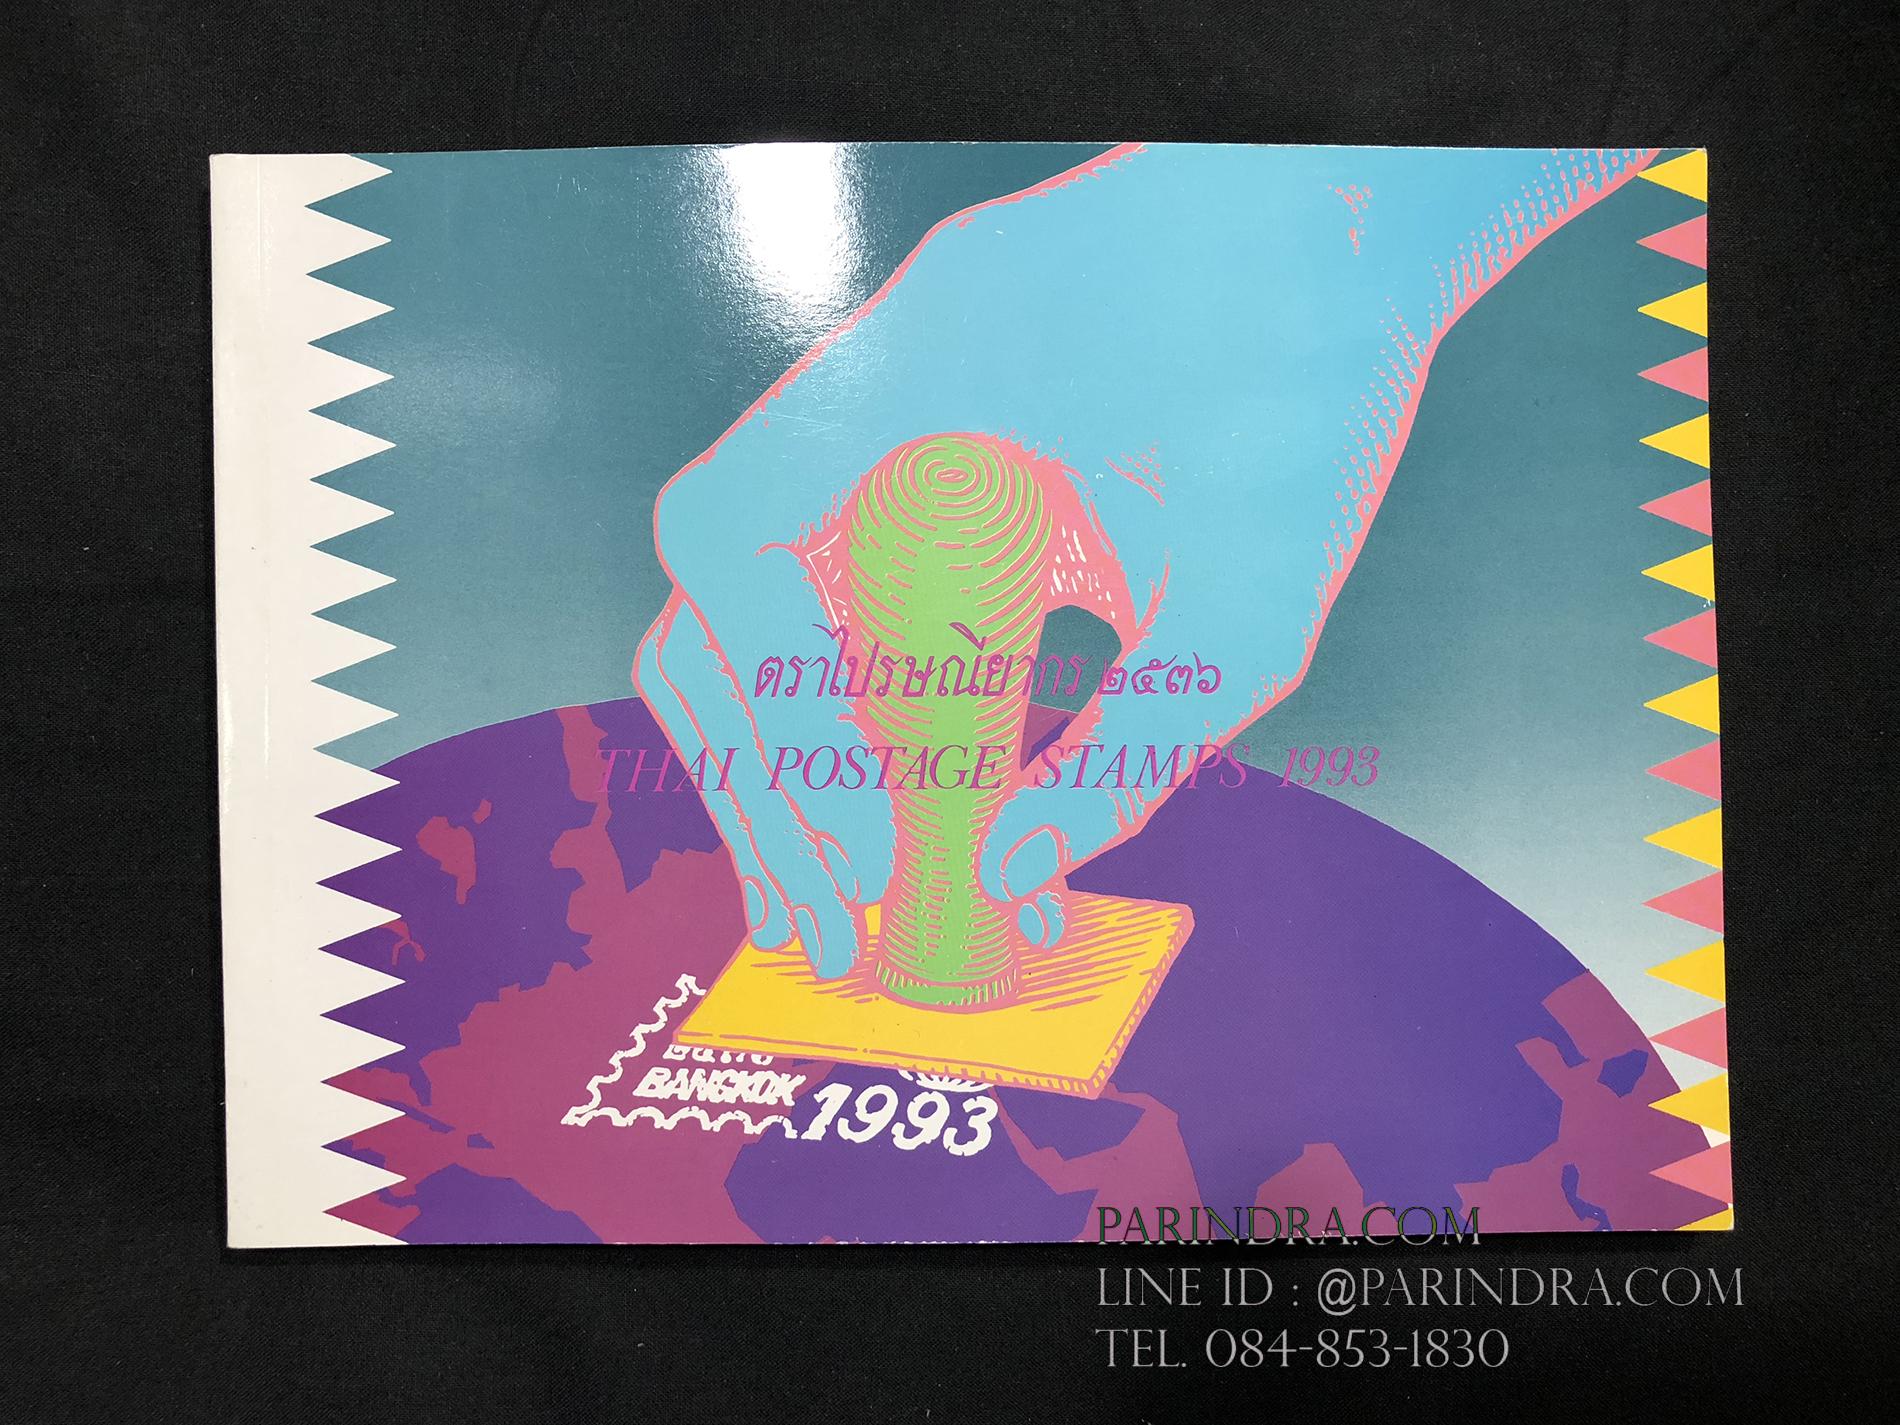 สมุดตราไปรษณียากรไทย ประจำปี 2536